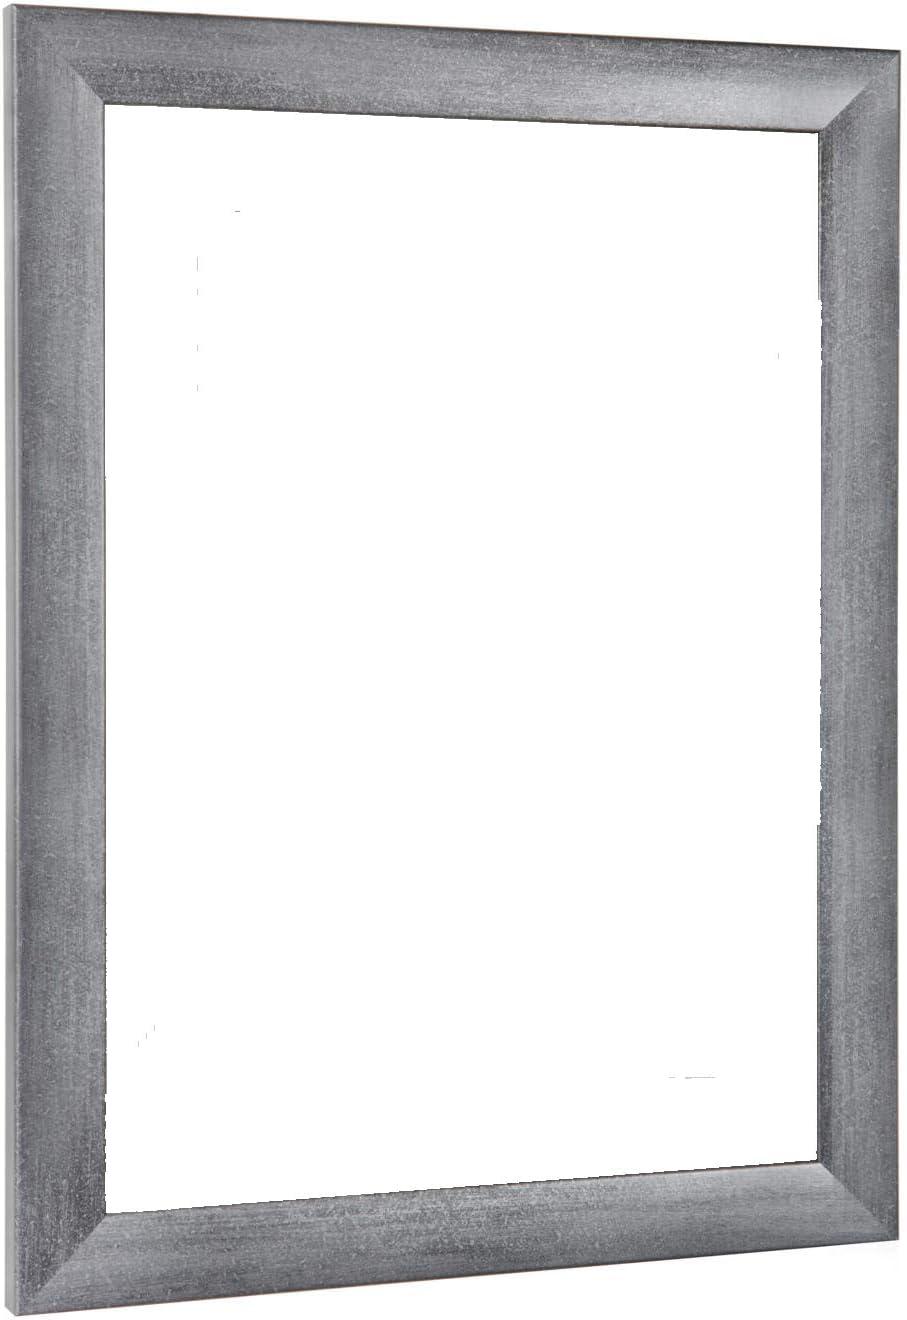 NiRa35-Top Cadre Photo 10x10 cm en Couleur Gris Flou avec Verre Acrylique antireflet